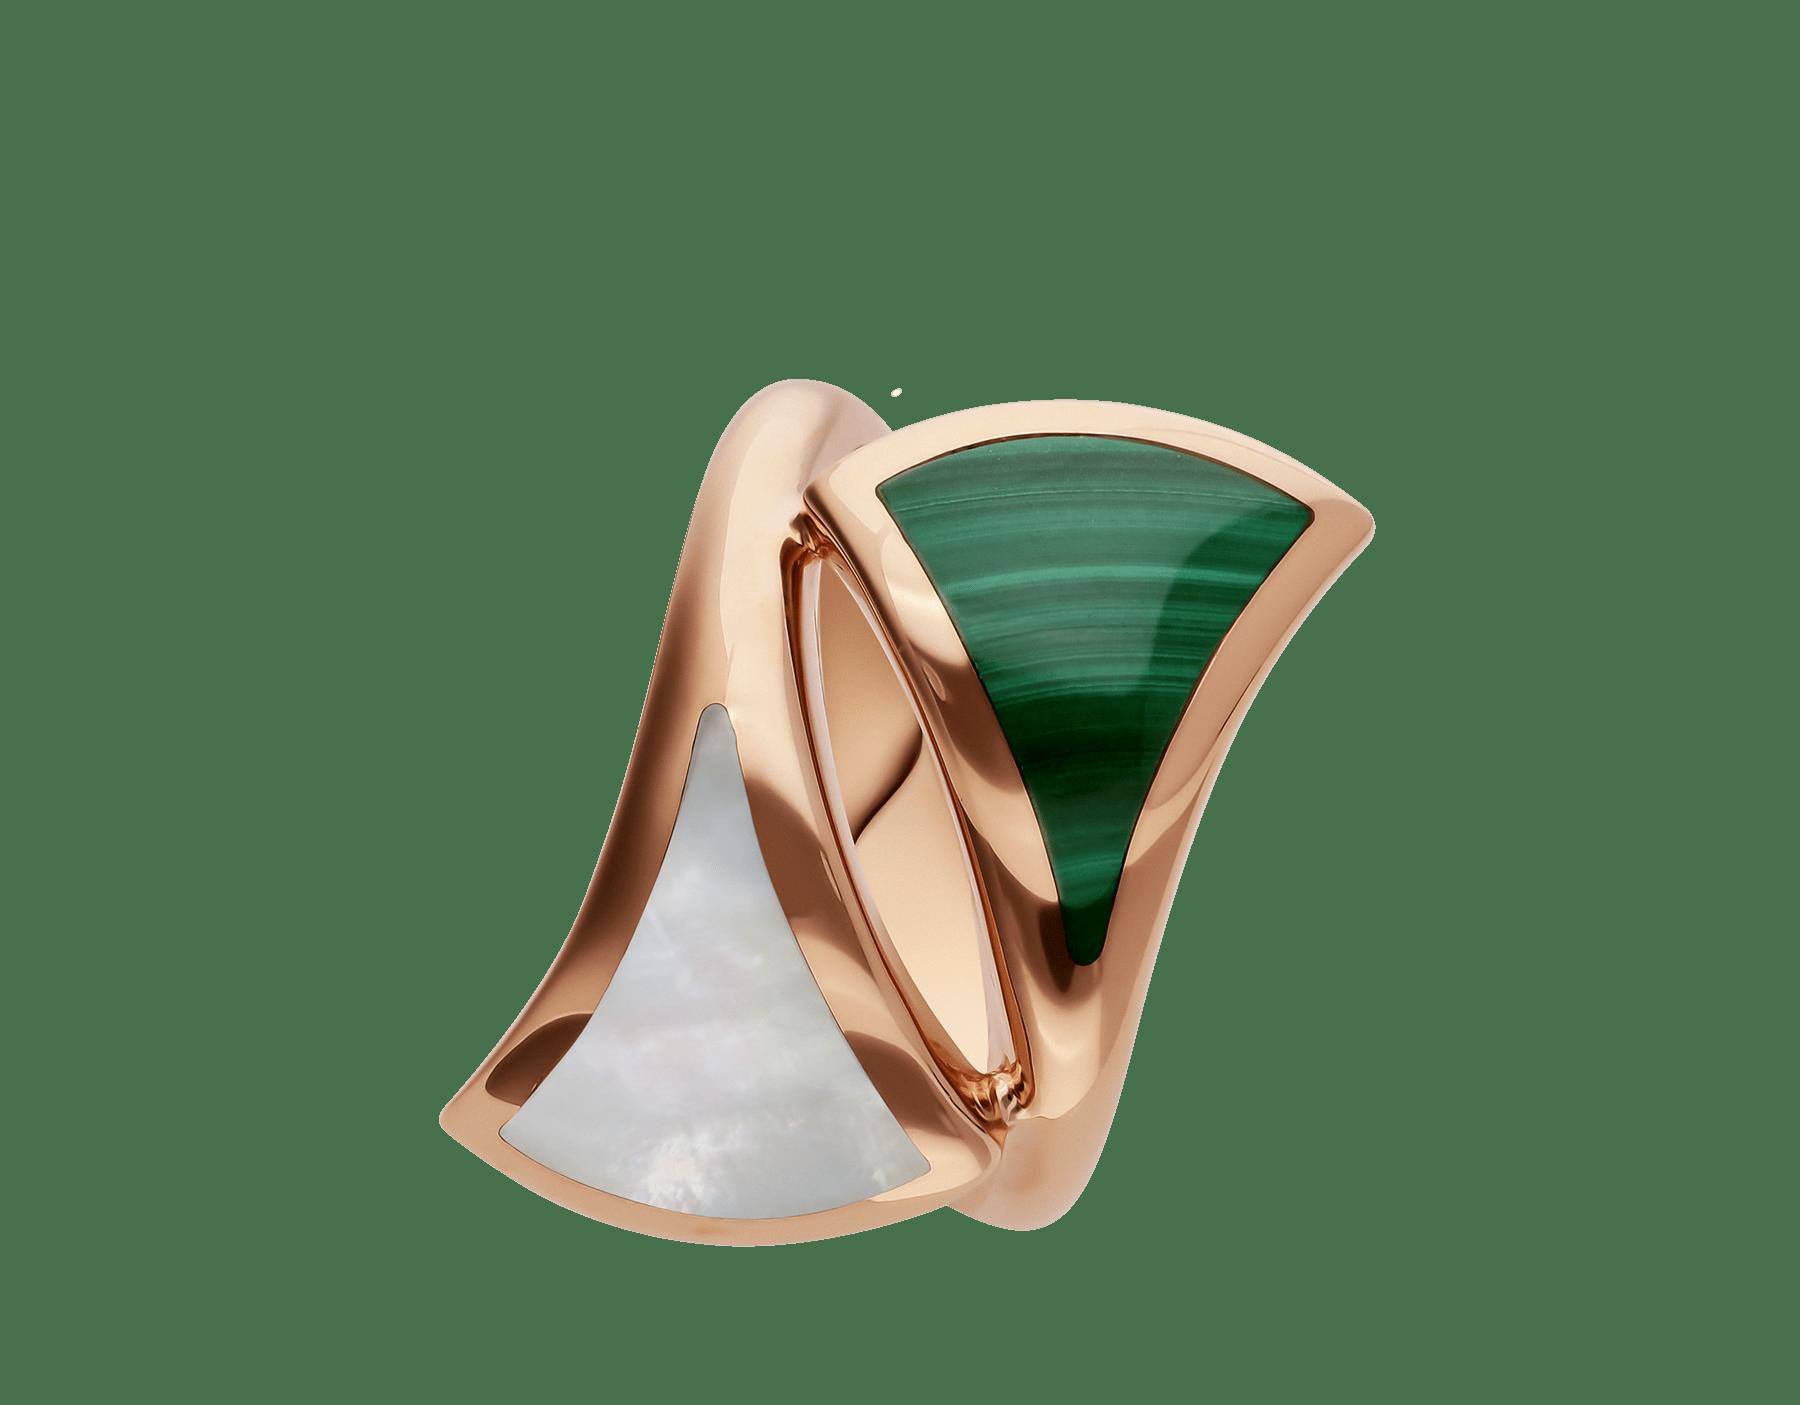 Anello DIVAS' DREAM contraire in oro rosa 18 kt con madreperla e malachite. AN857955 image 2